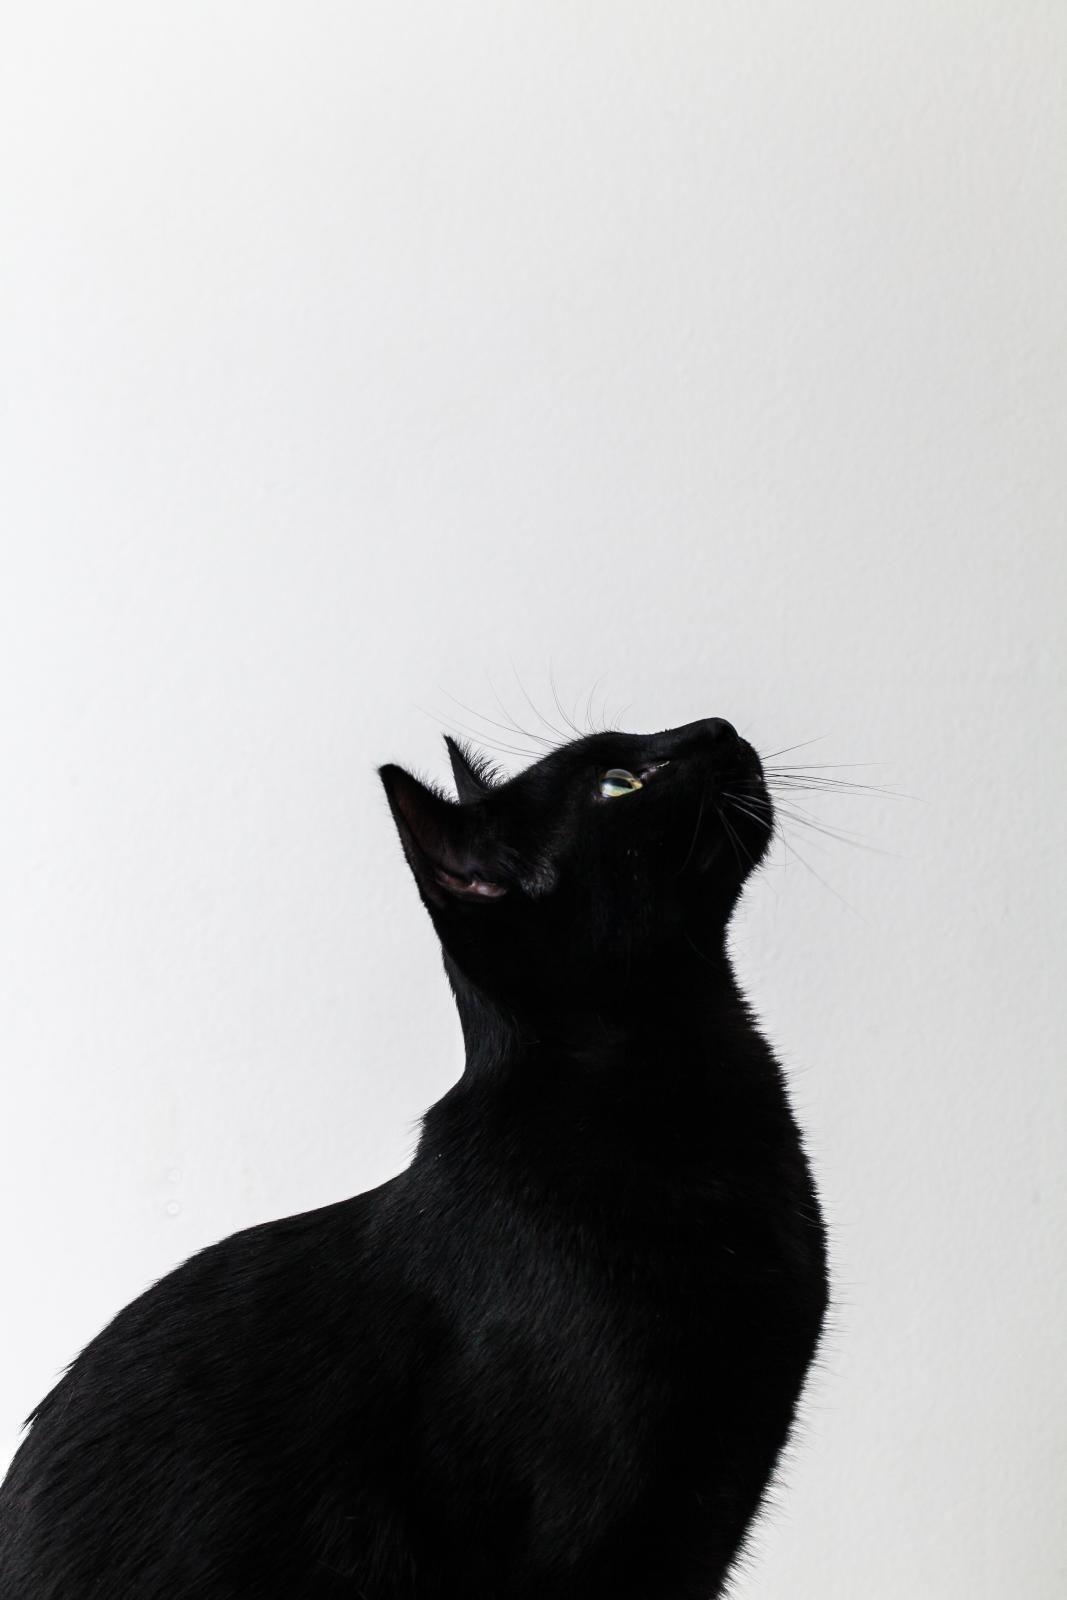 美しい猫 Architektur Inneneinrichtung Und Katzen の画像 投稿